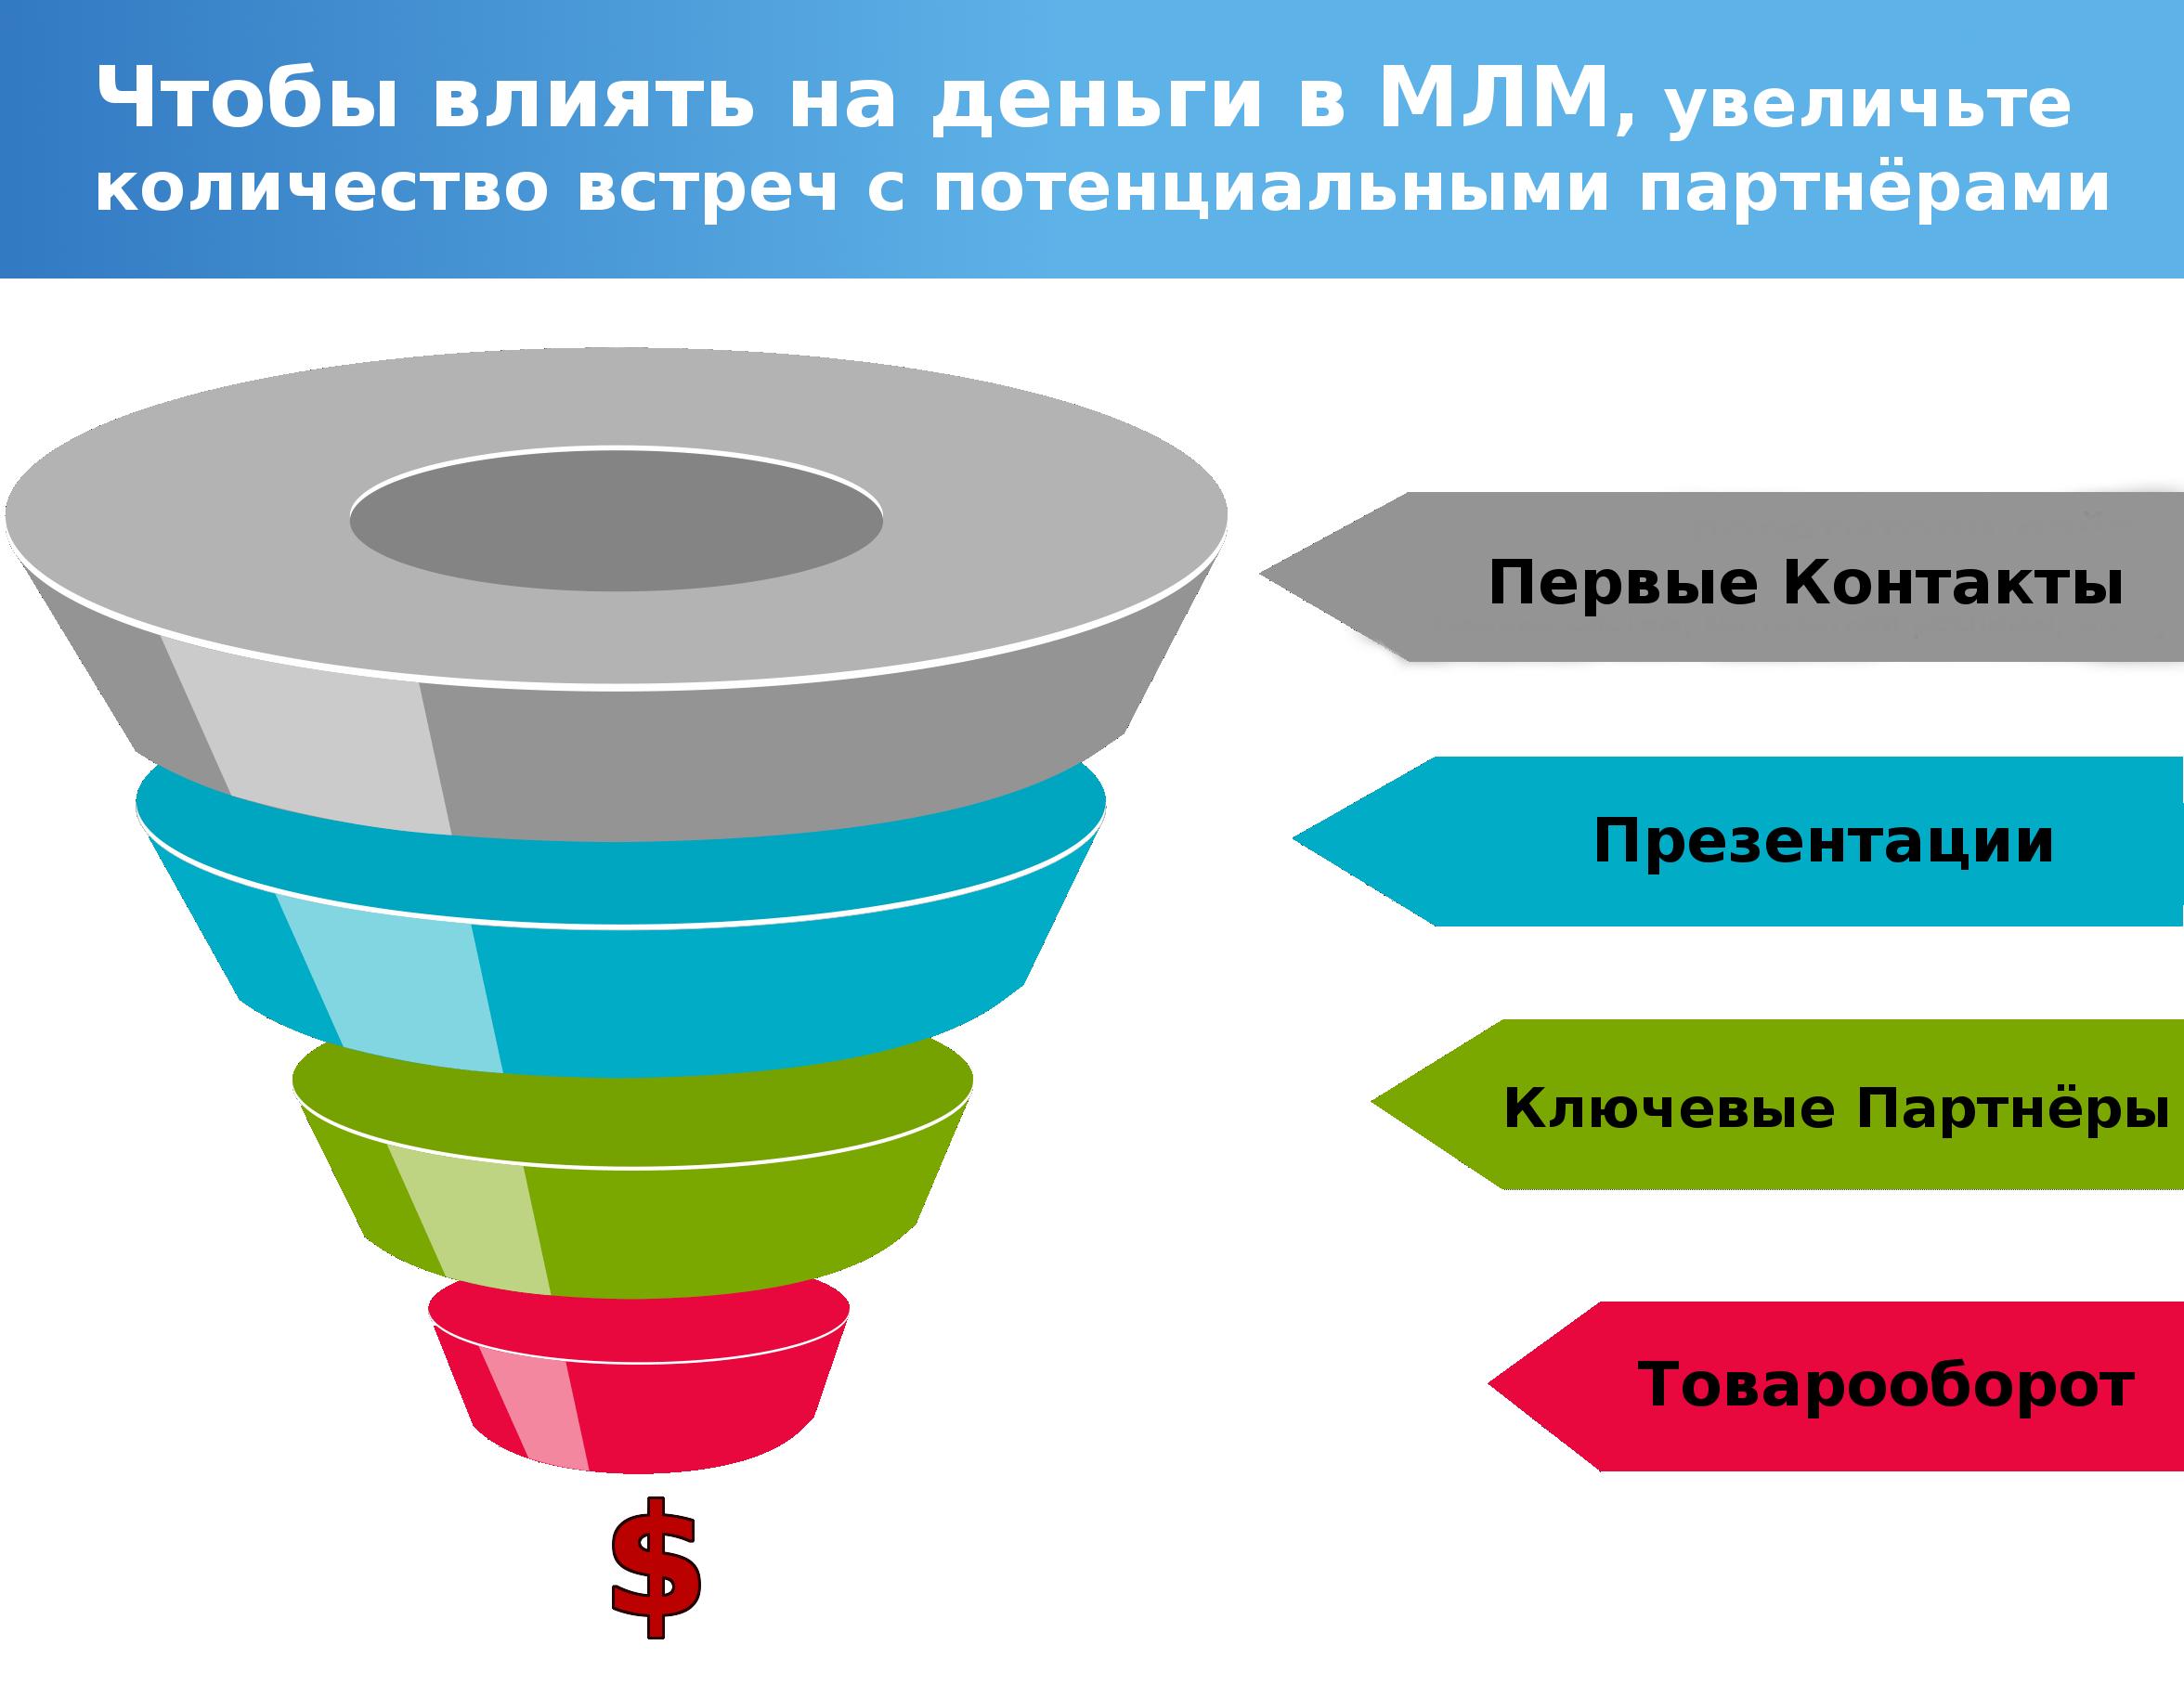 Денежная воронка в МЛМ. Как заработать деньги. Увеличьте количество личных встреч, благодаря чему станет больше ключевых партнёров